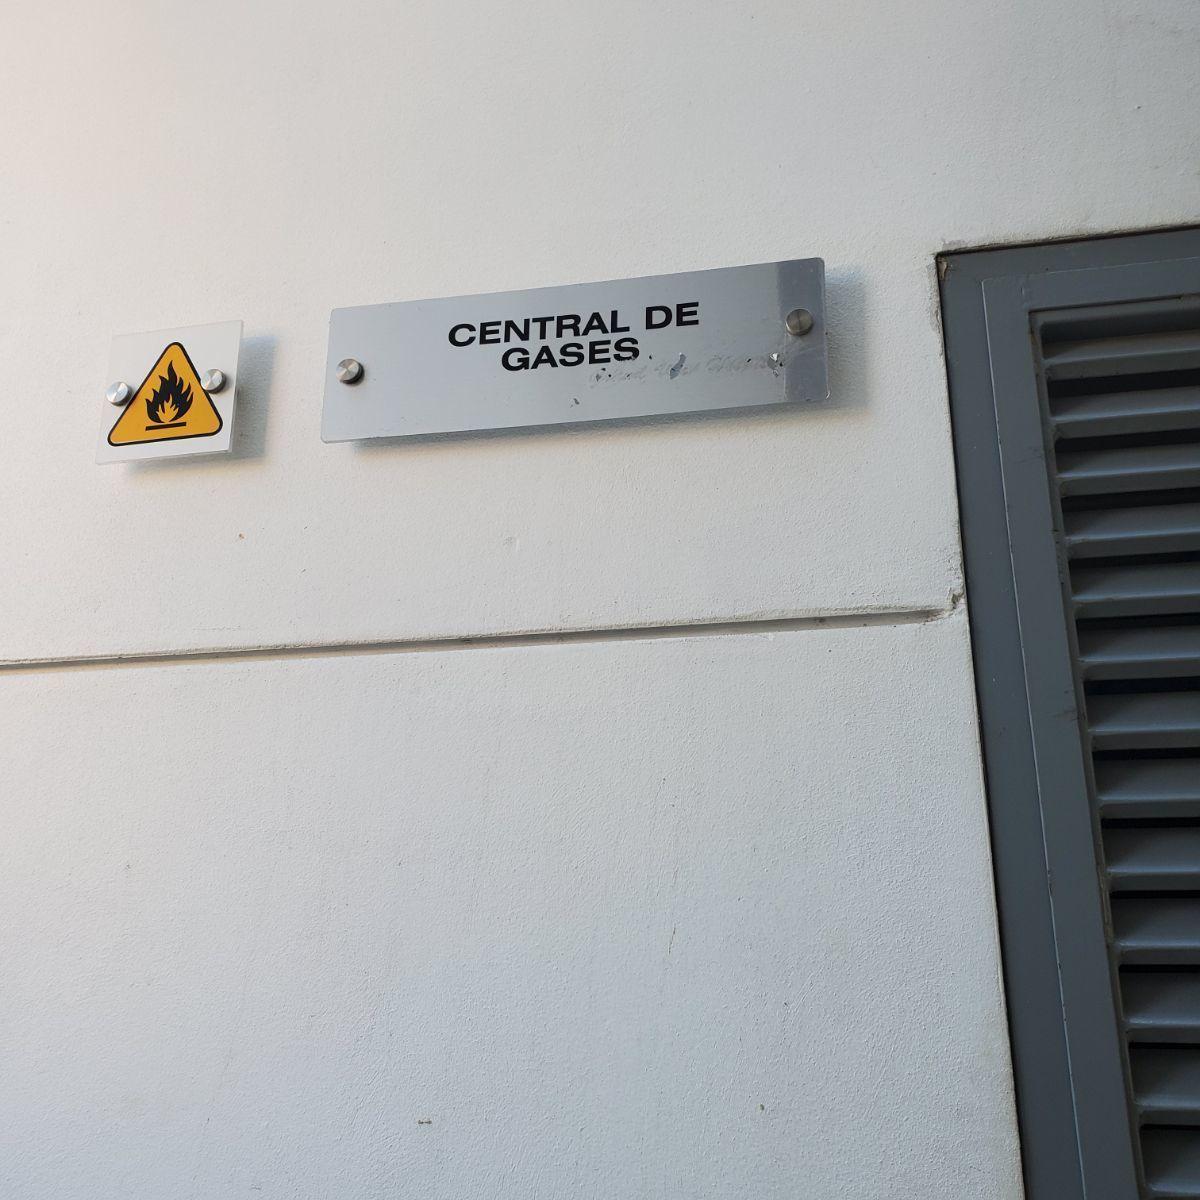 37 de 45: Cuarto central de gases